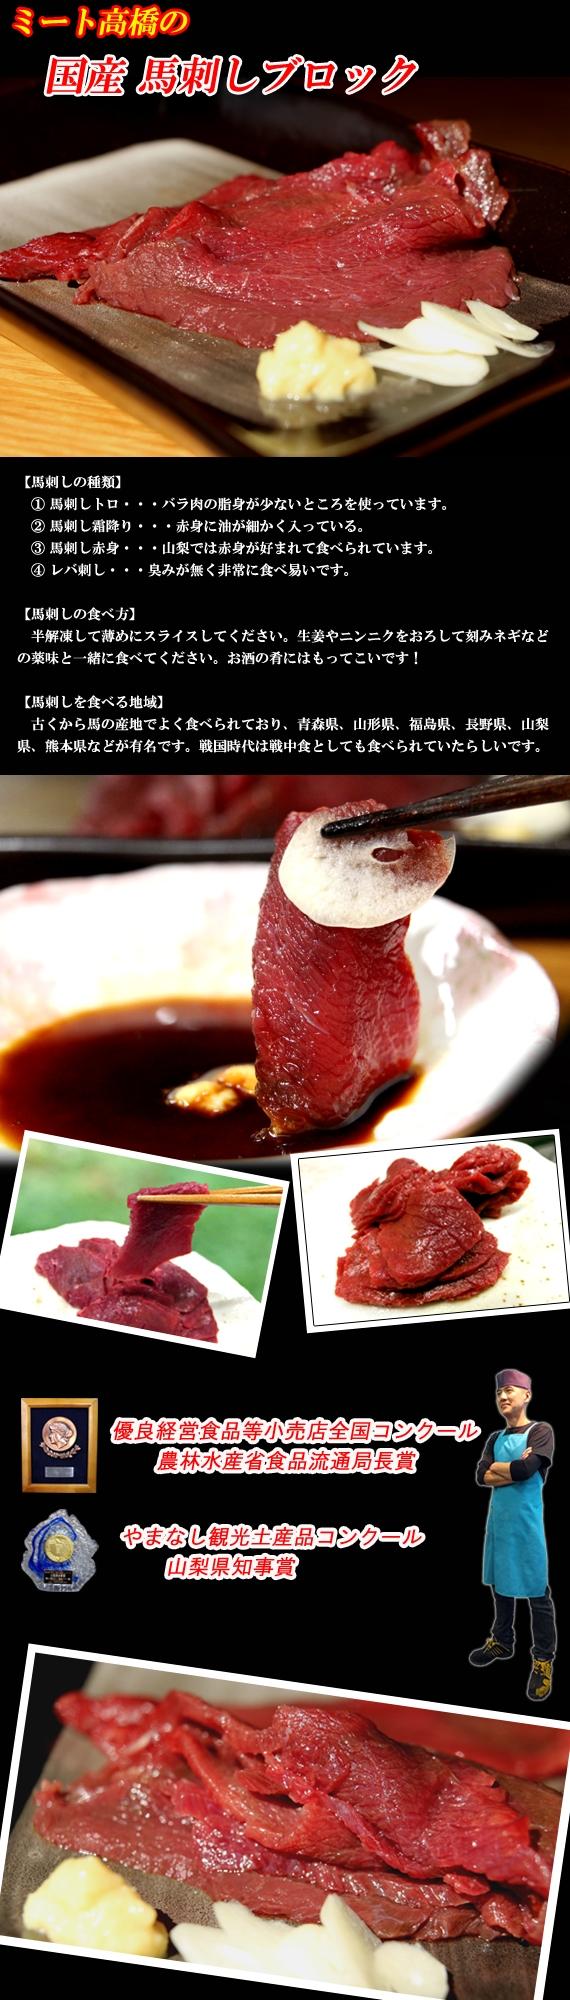 【冷凍品】馬刺し赤身ブロック 400g ブロック☆